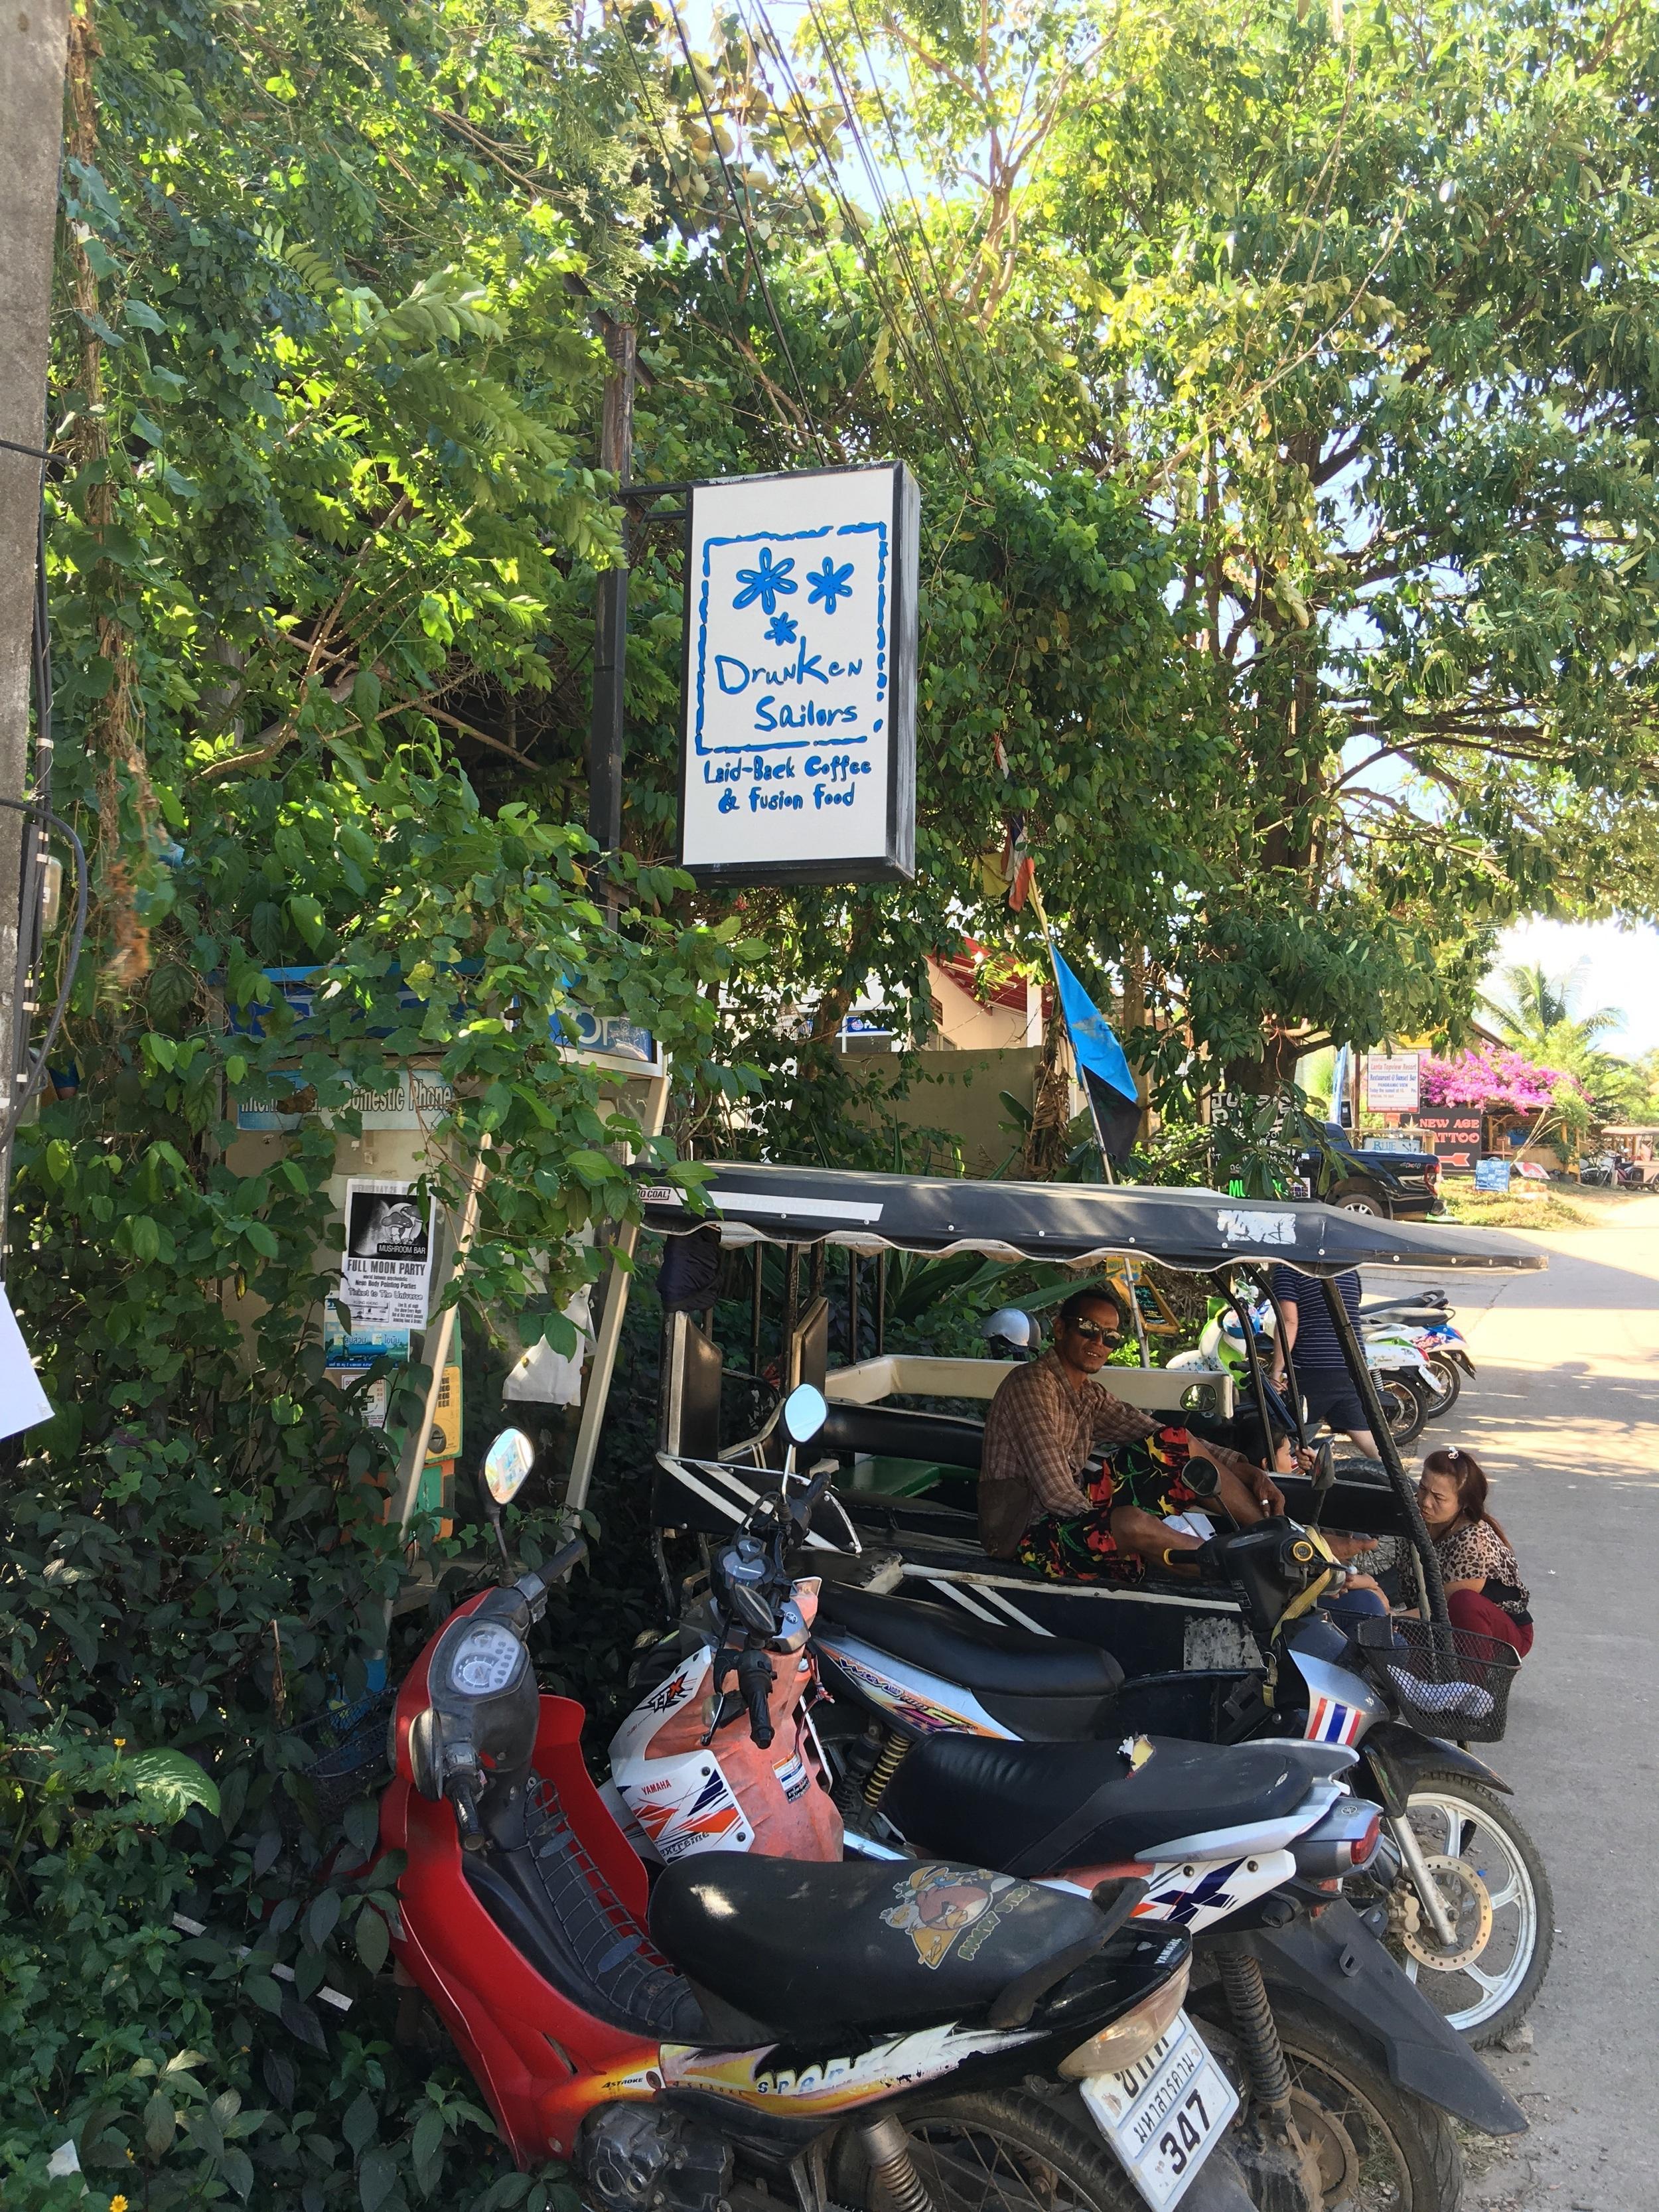 Outside Drunken Sailors Resturant